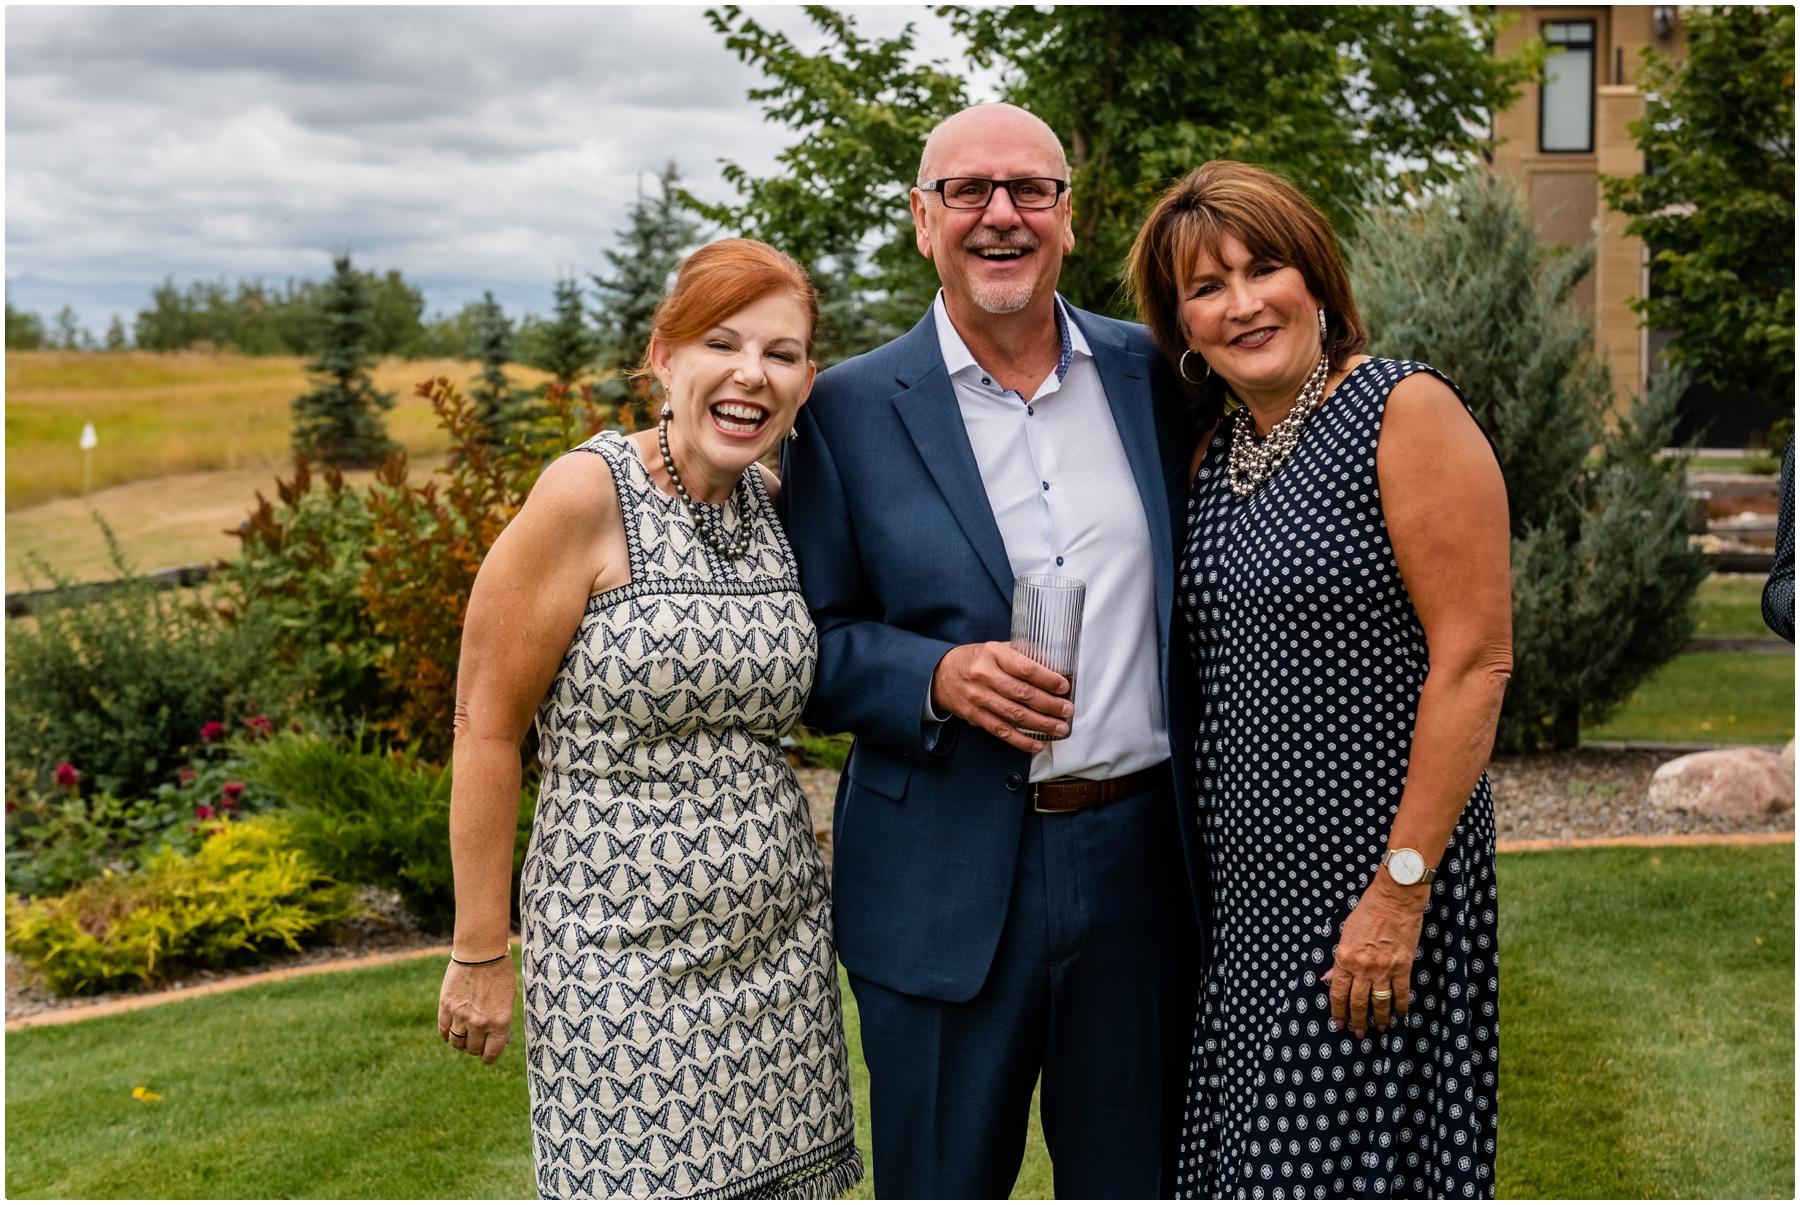 Calgary Wedding Photographer - Garden Party Wedding